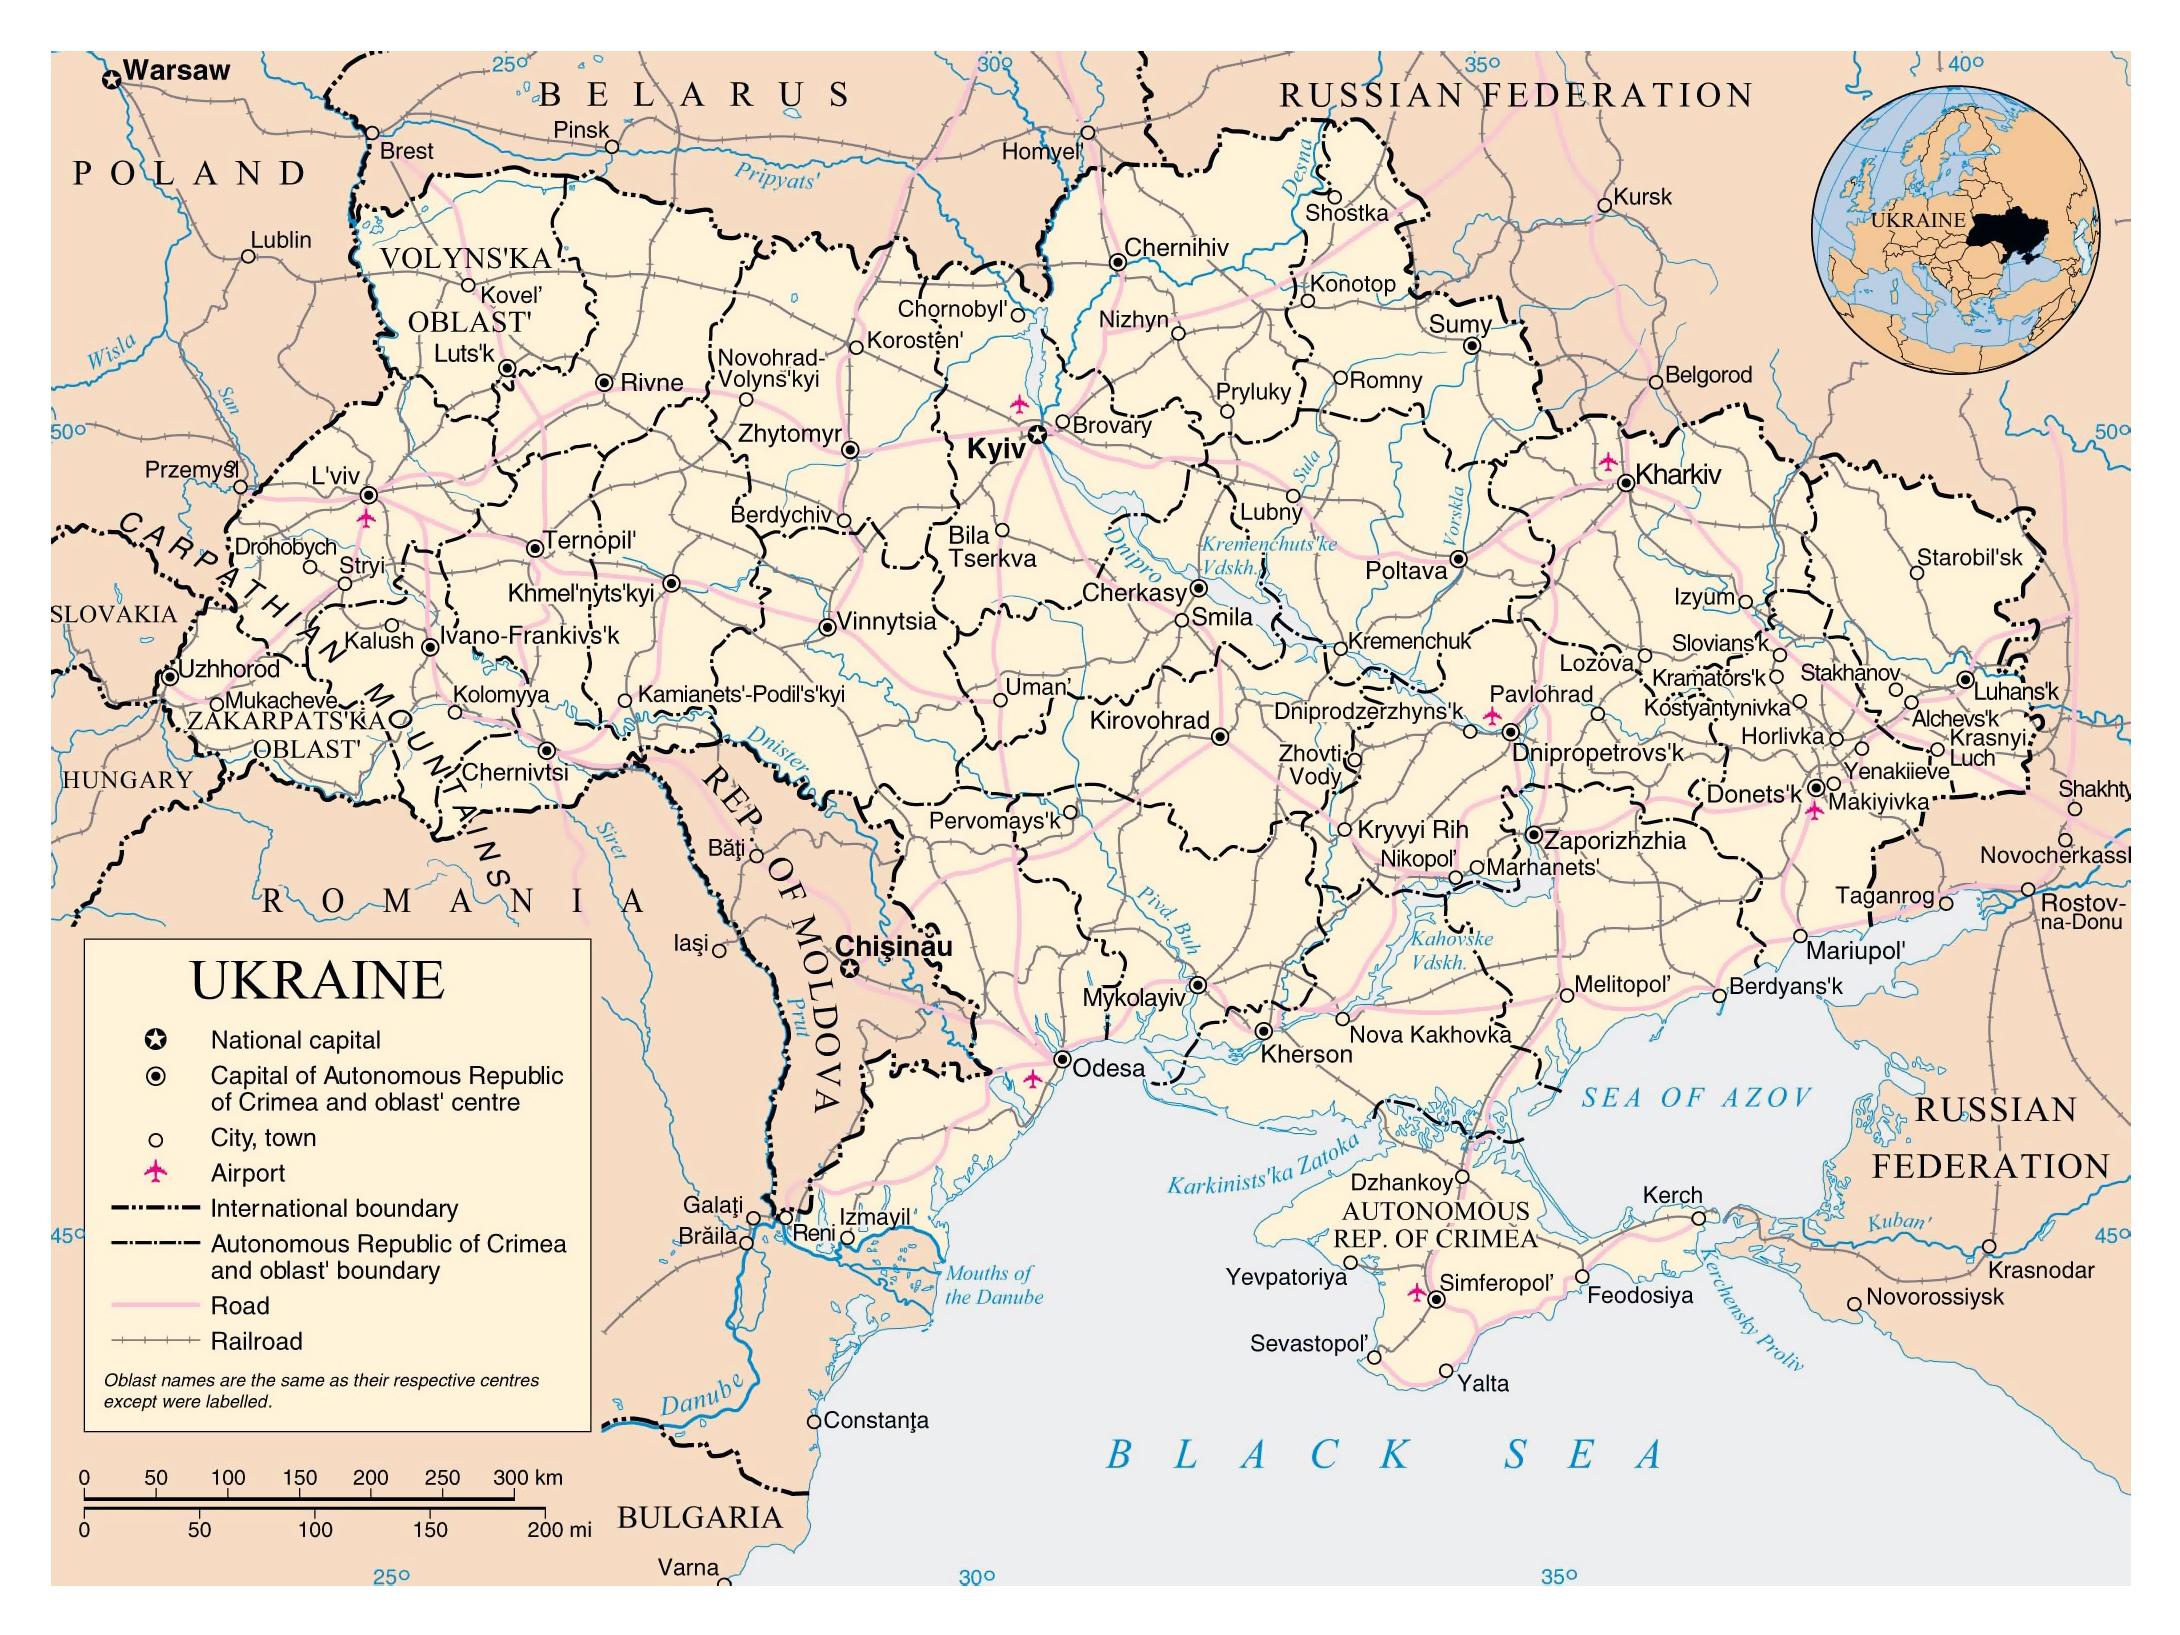 Grande Mapa Politico Y Administrativo De Ucrania Con Carreteras